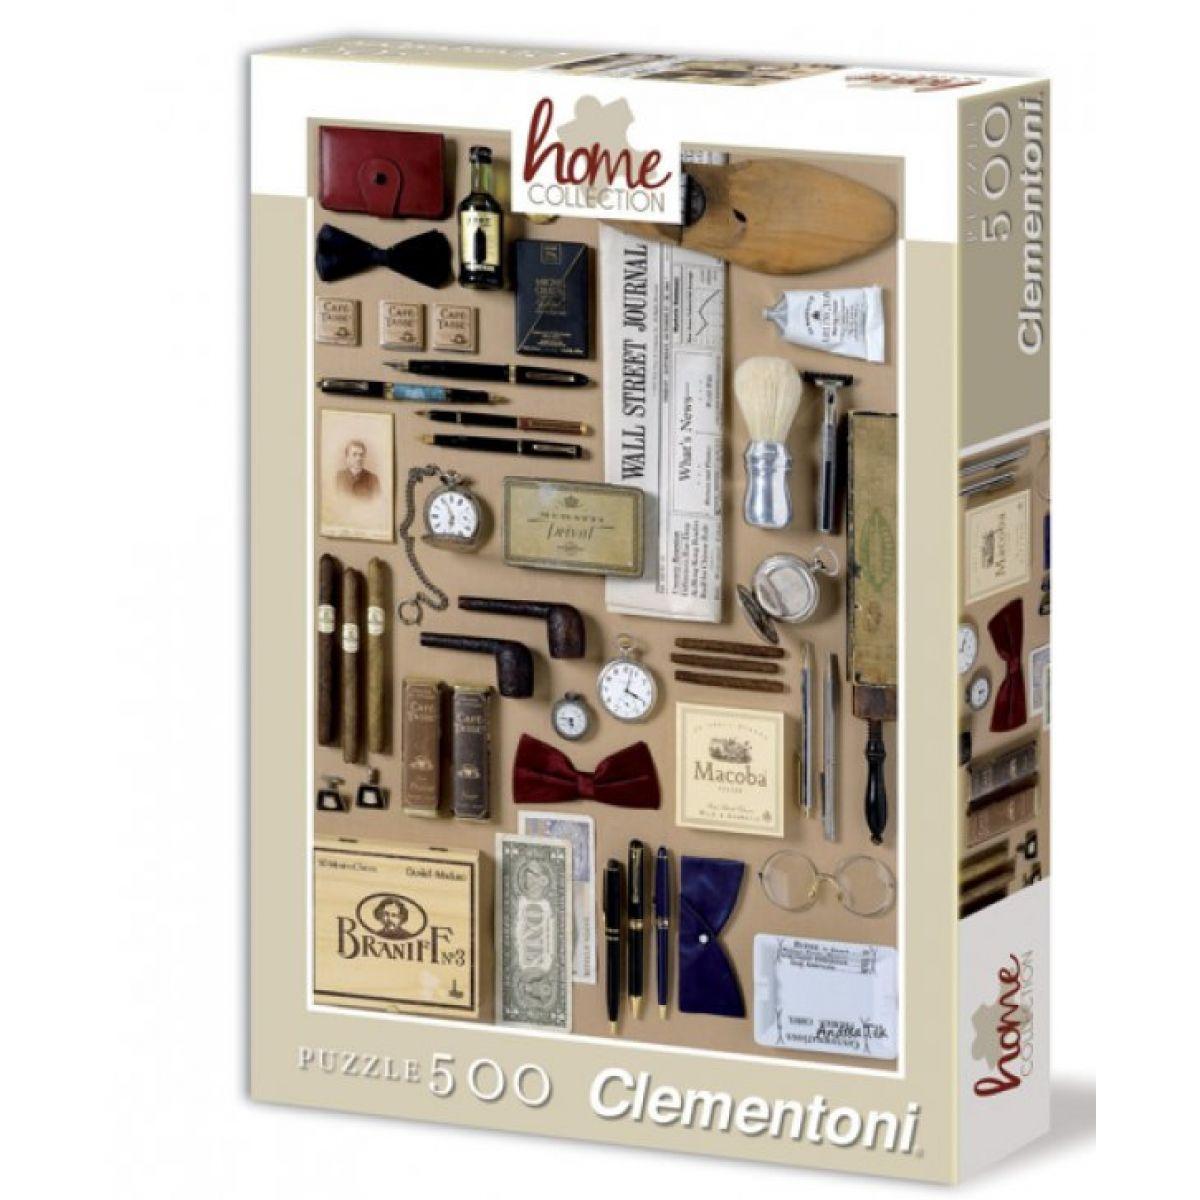 Clementoni Puzzle 500 dílků, Gentlemen